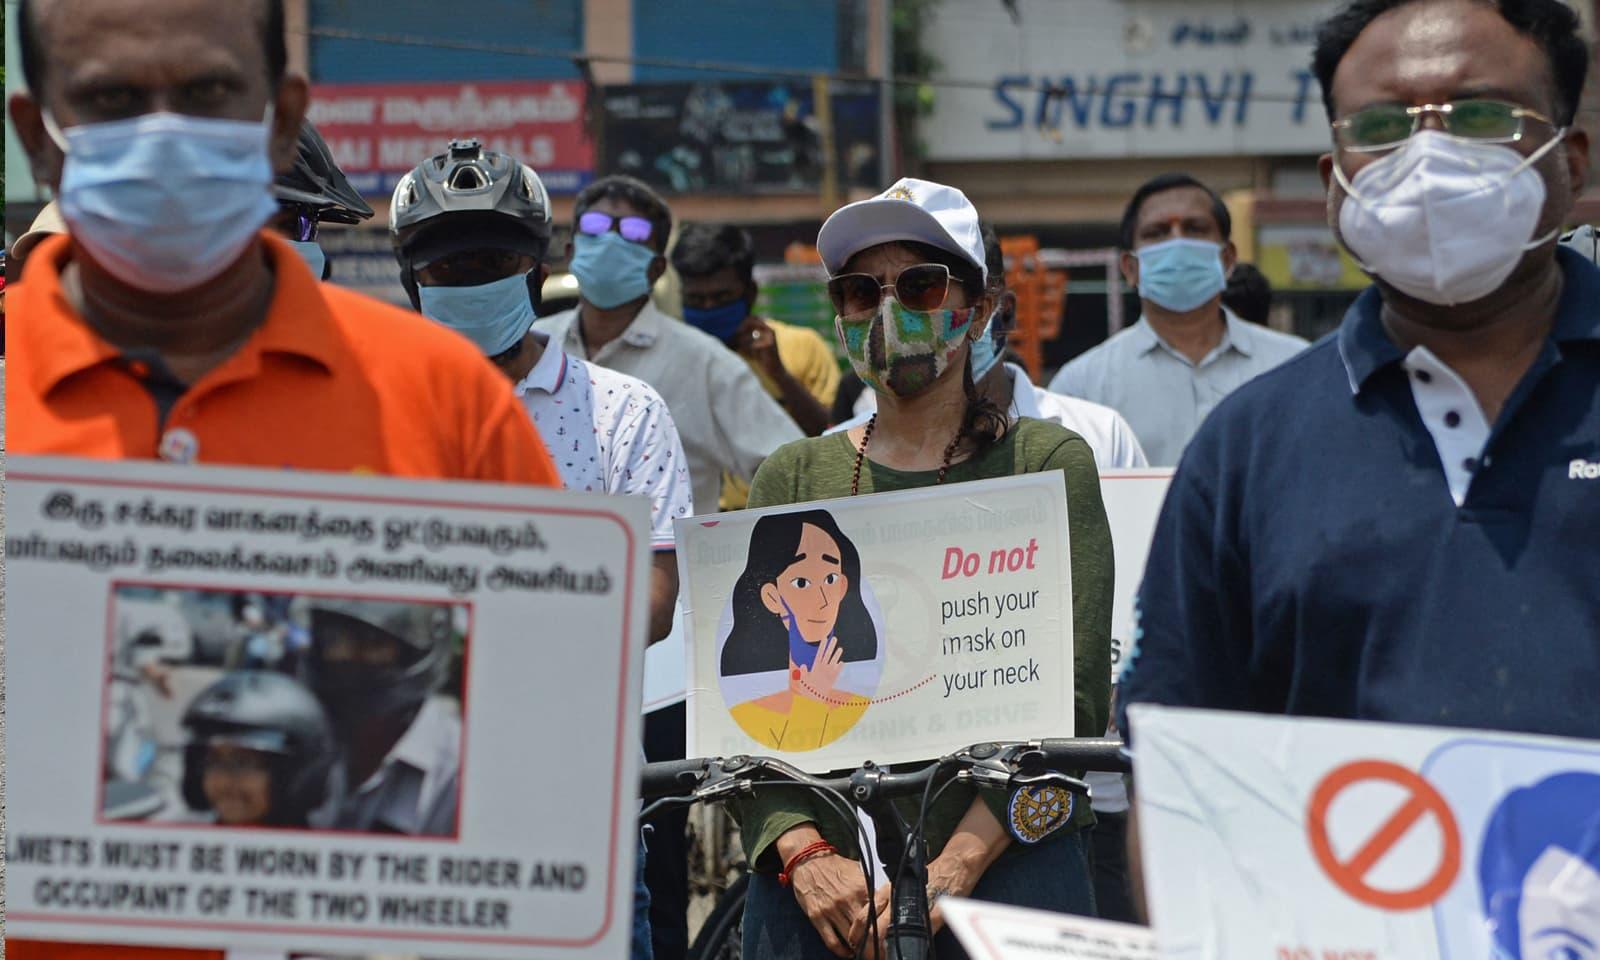 چنائی میں رضاکار کورونا وائرس سے متعلق آگاہی پھیلارہے ہیں—فوٹو: اے ایف پی